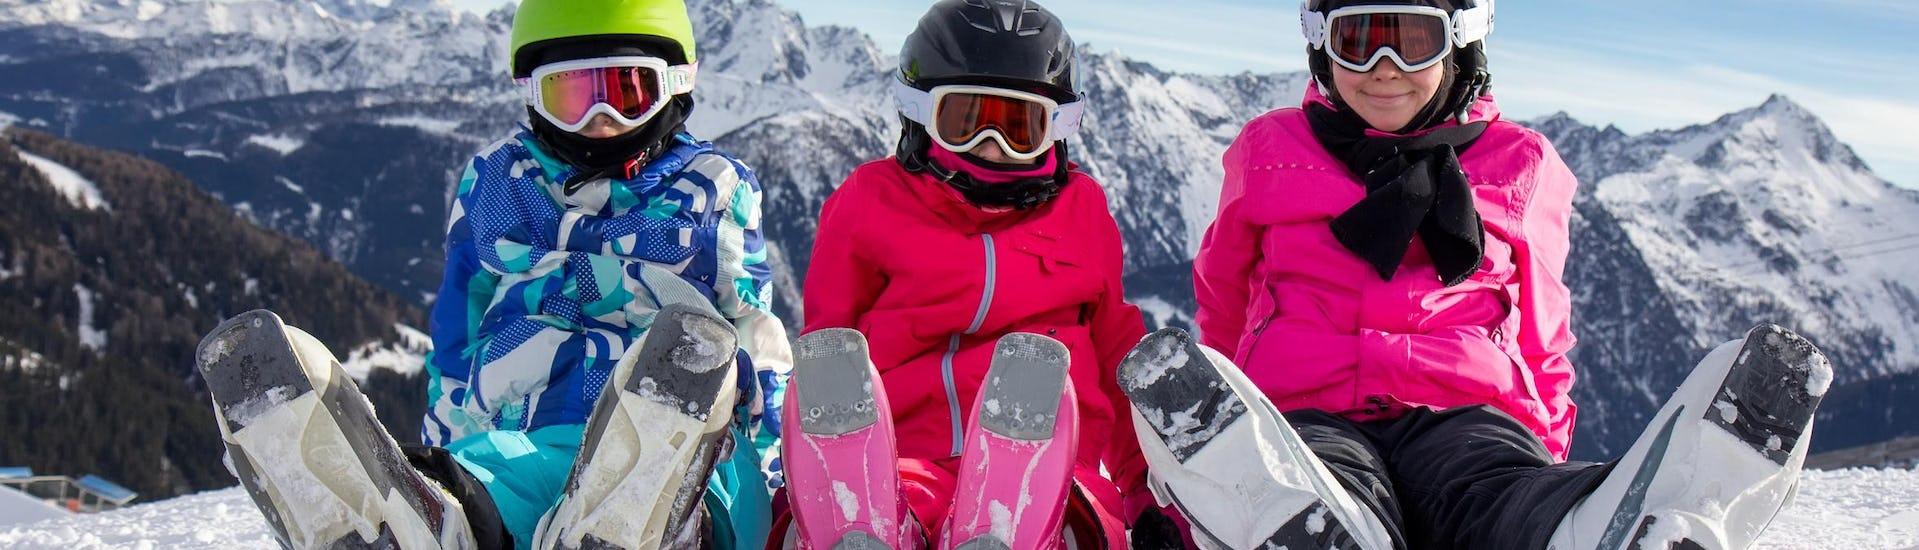 Ski Lessons for Kids (All Ages) - Beginner